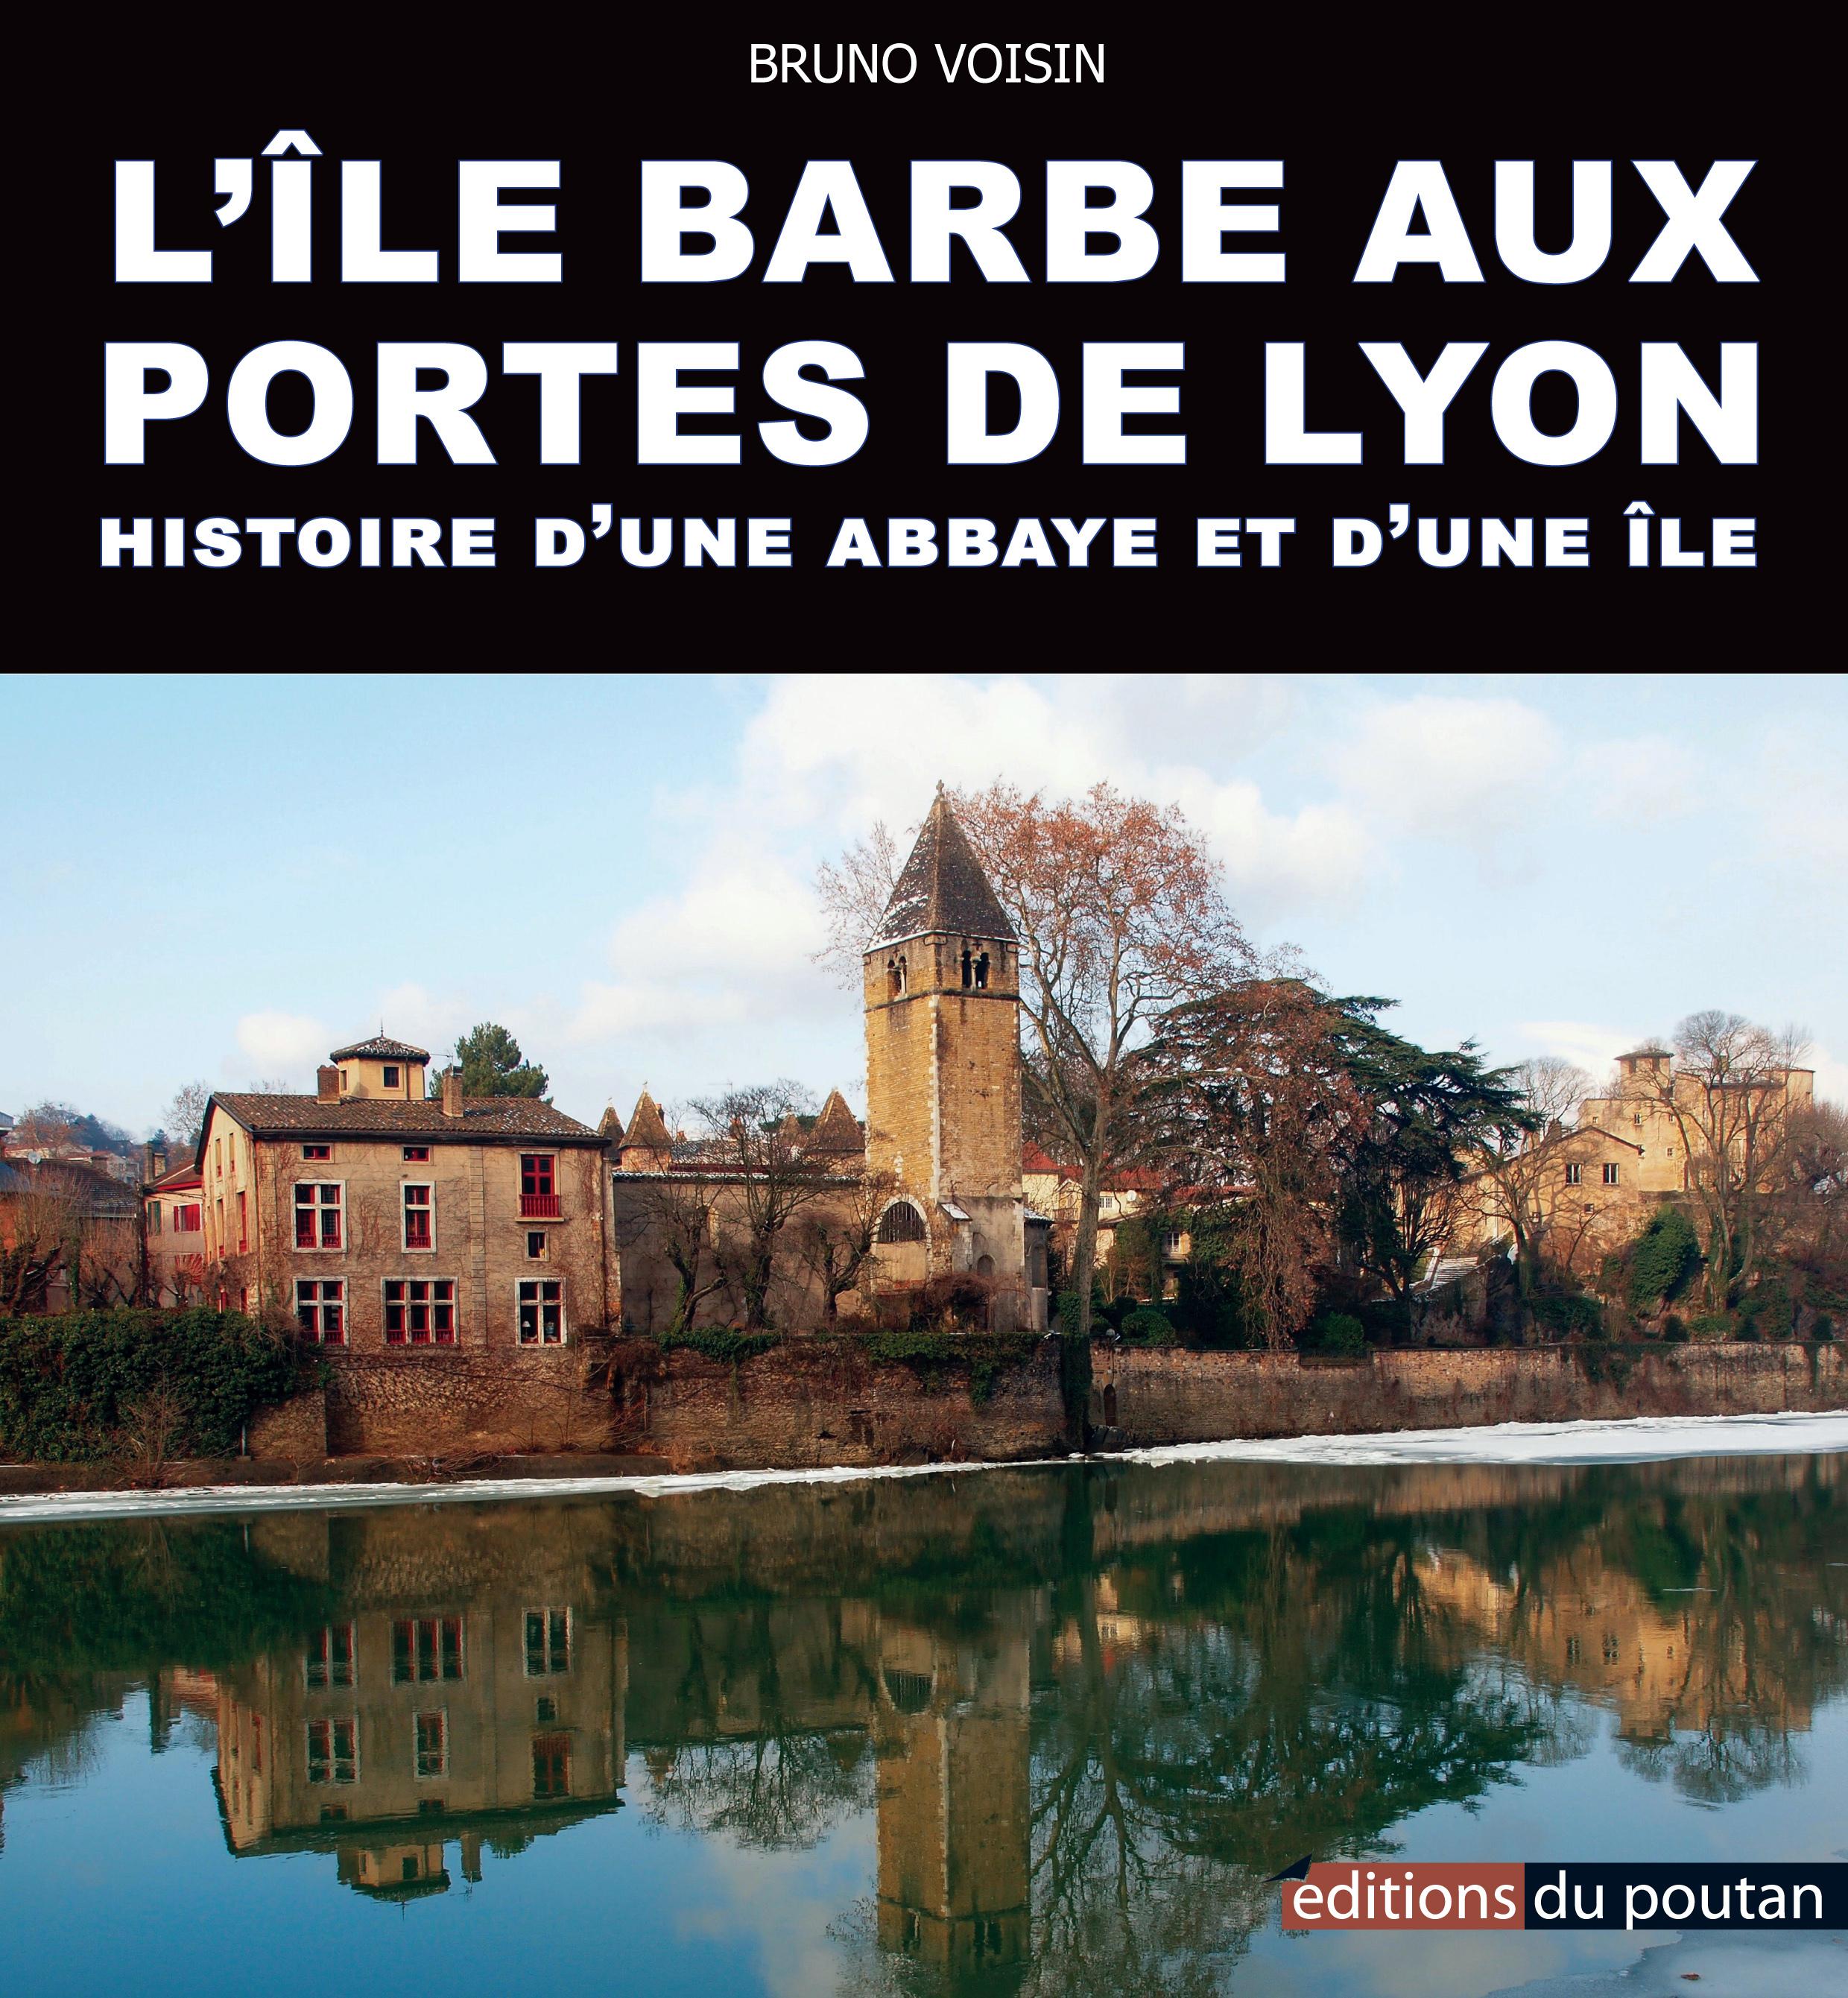 L'ILE BARBE AUX PORTES DE LYON - HISTOIRE D'UNE ABBAYE ET D'UNE ILE